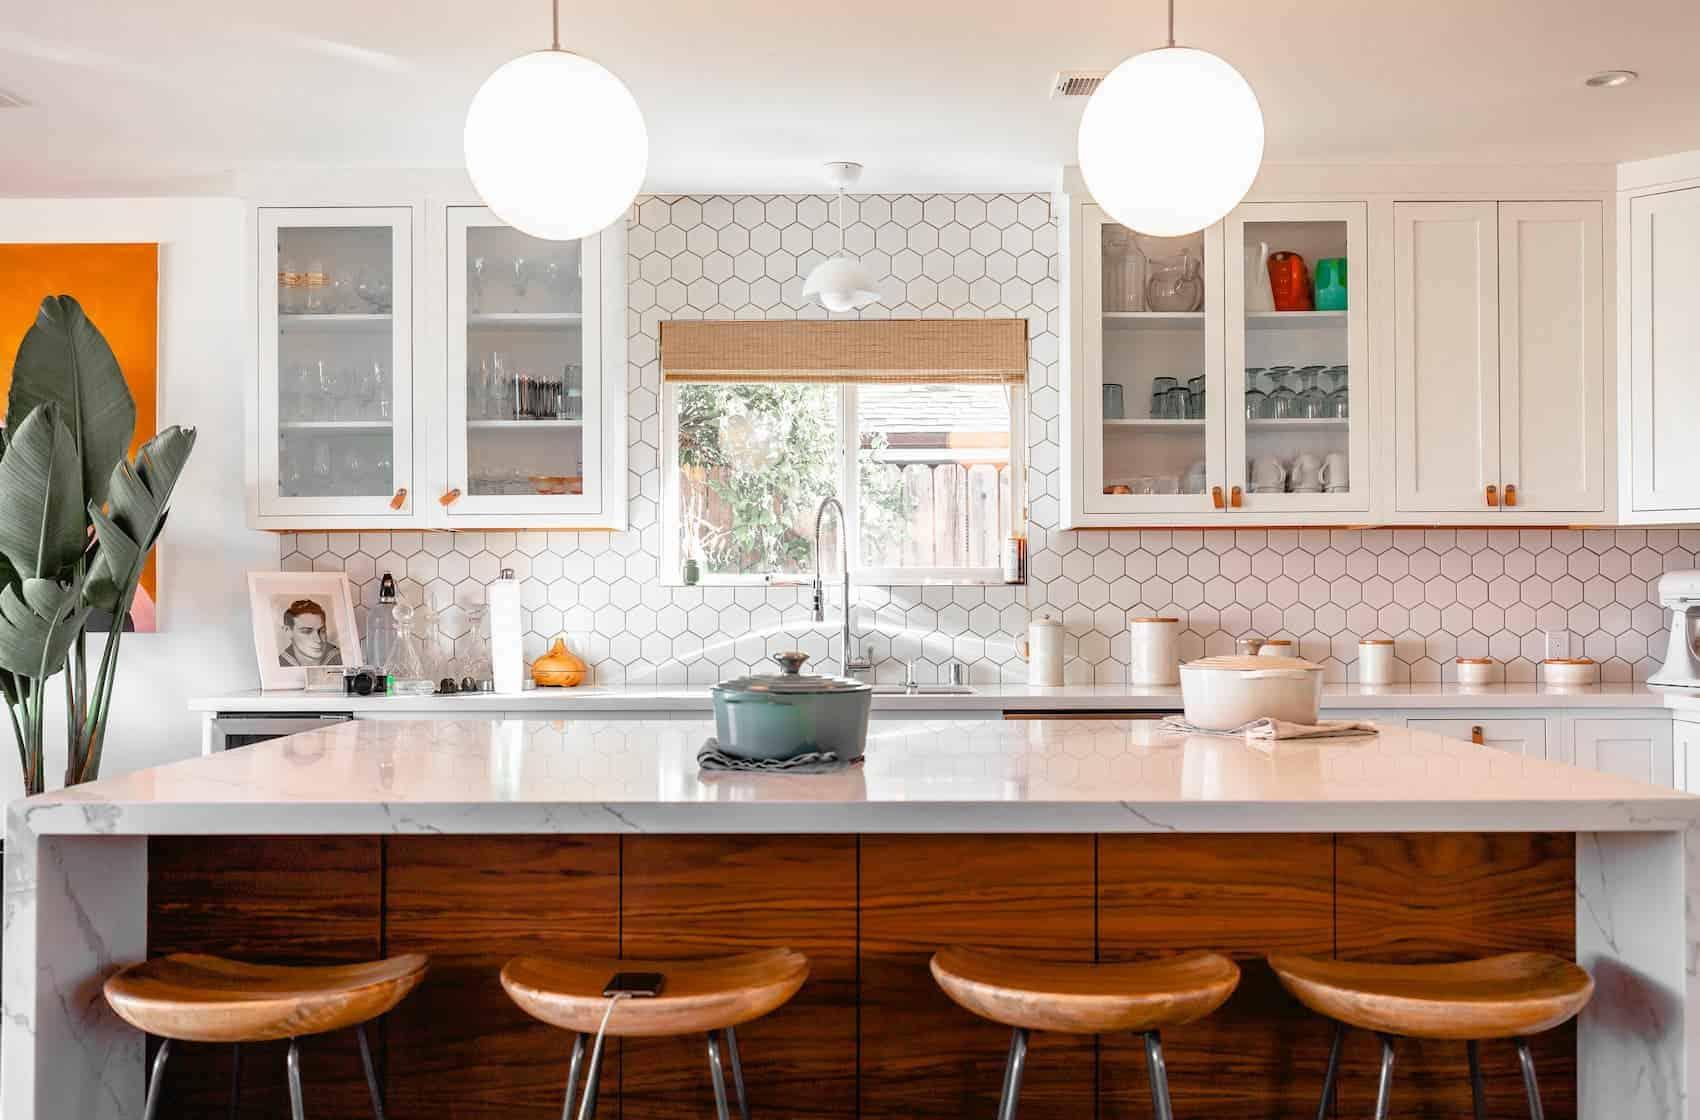 7 טיפים לעיצוב מטבחים